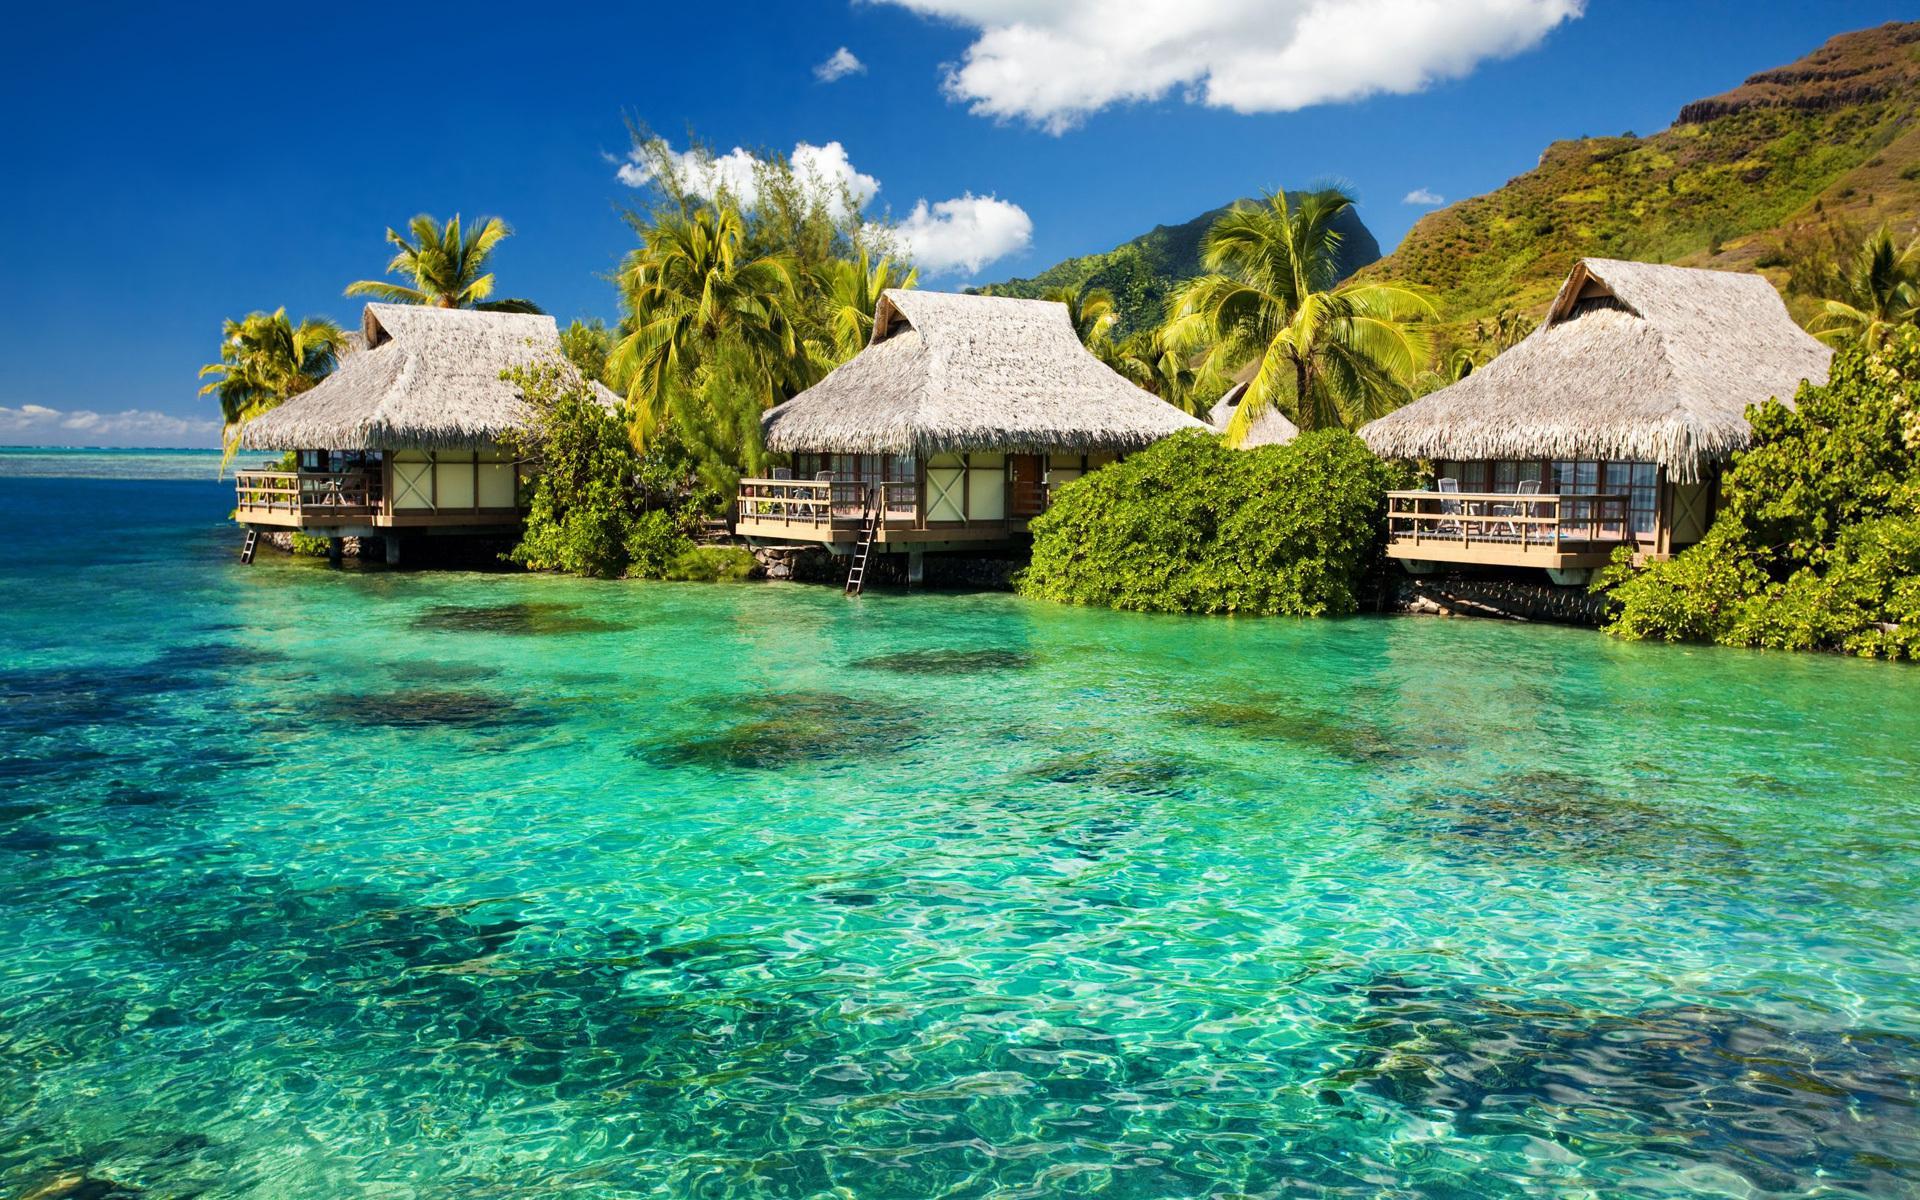 Океан лазурь бунгало остров пальмы